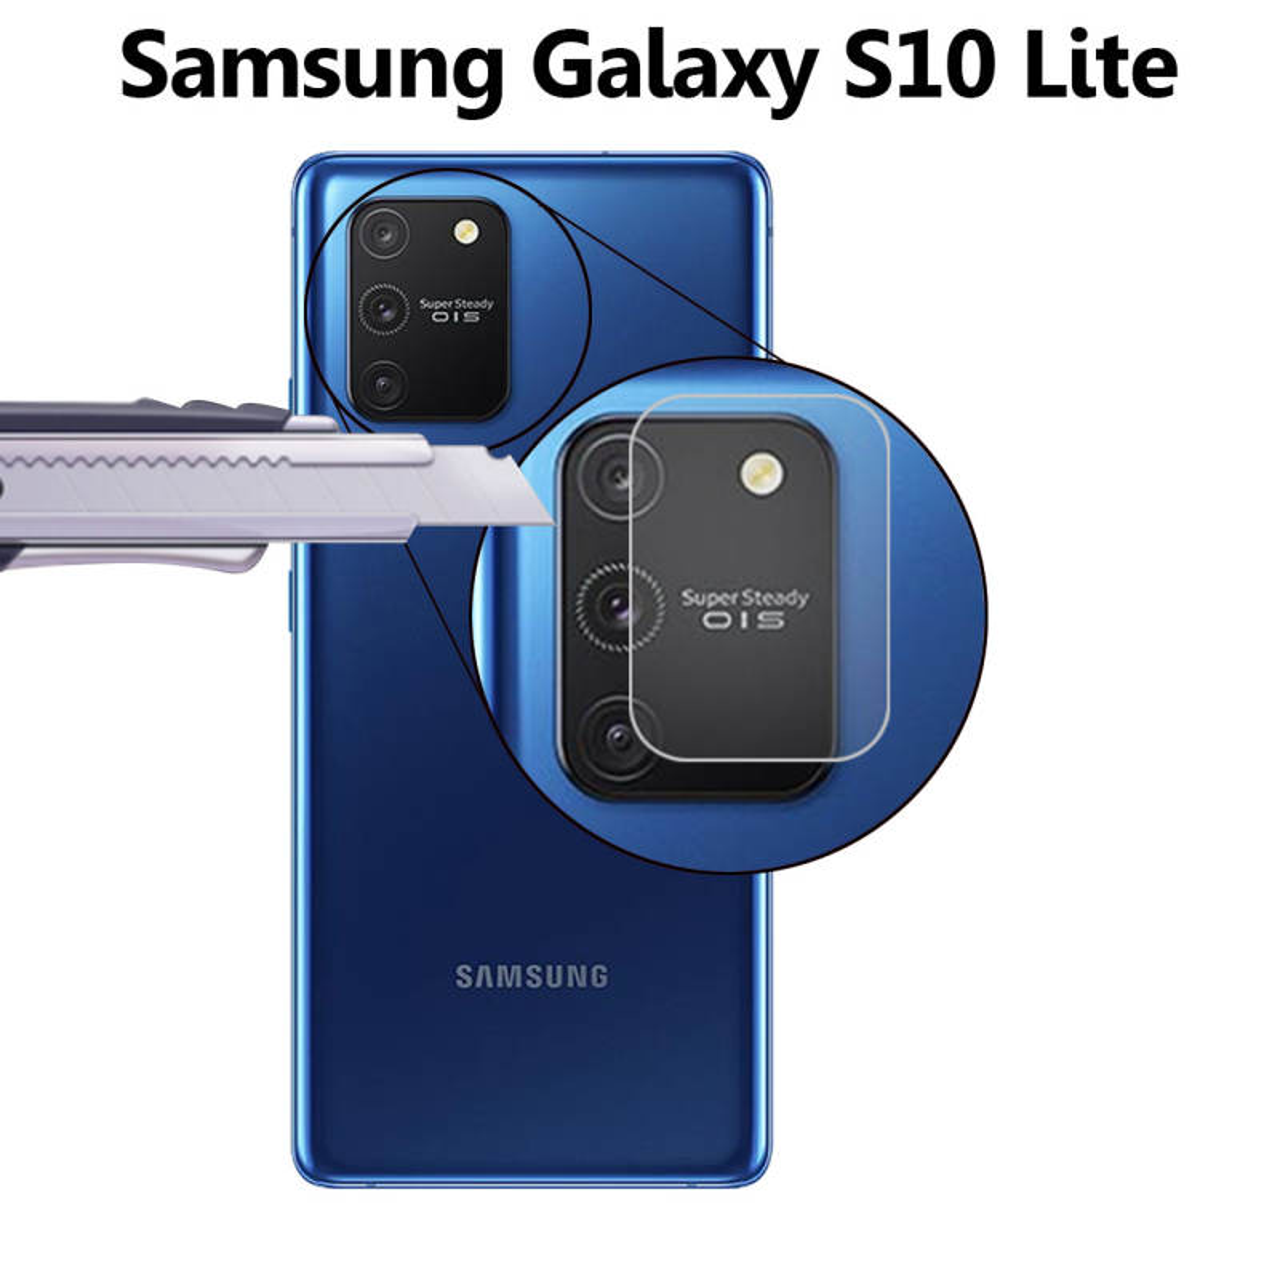 محافظ لنز دوربین لایونکس مدل UTFS مناسب برای گوشی موبایل سامسونگ Galaxy S10 Lite بسته دو عددی